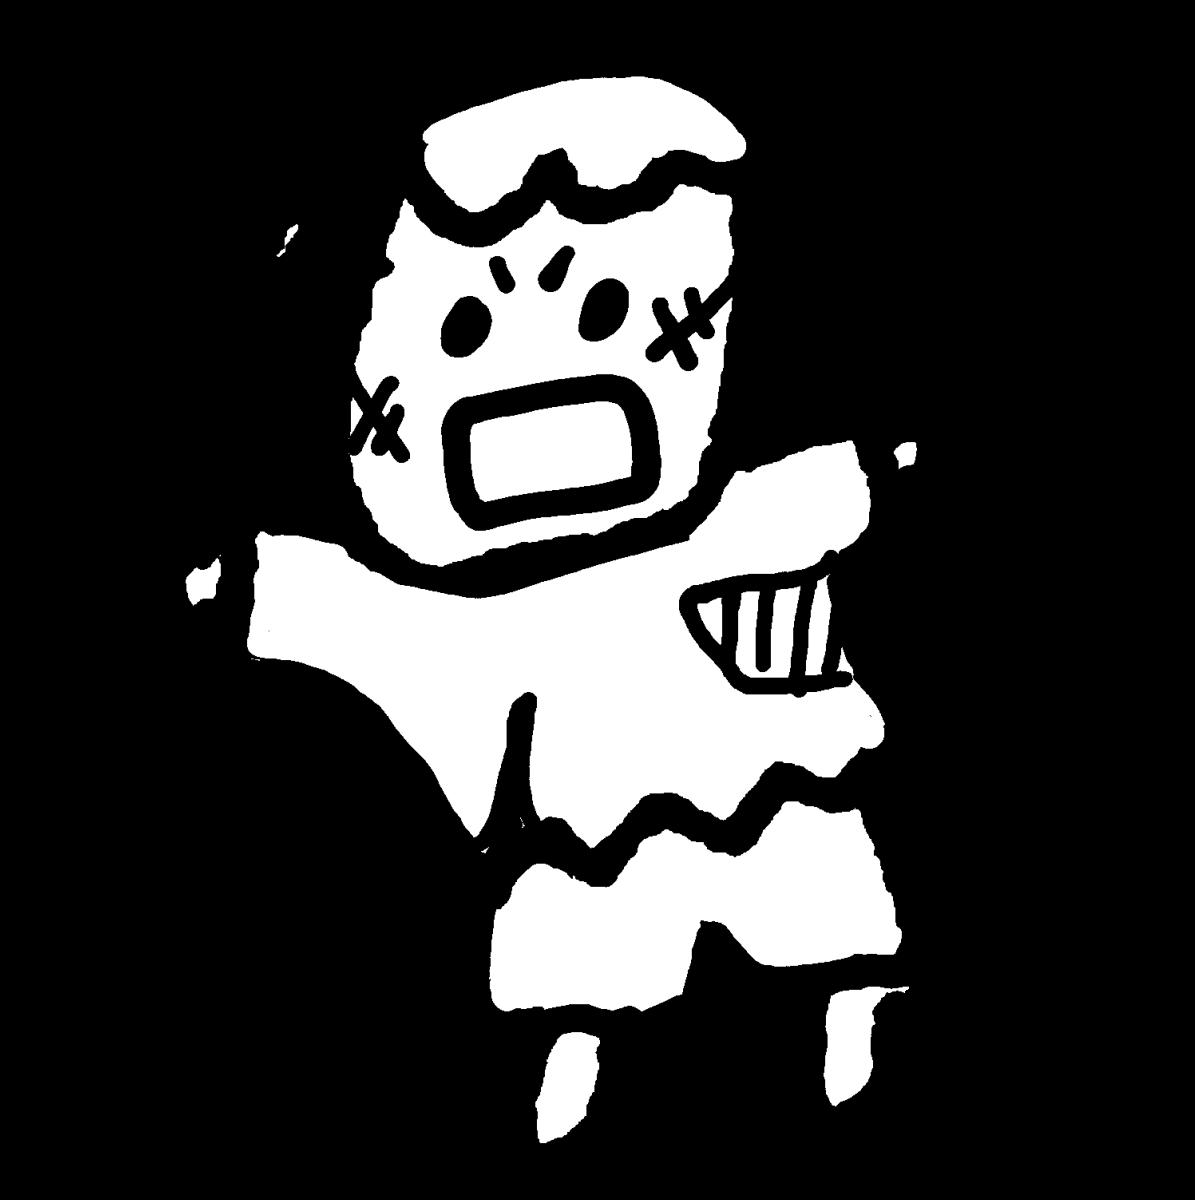 襲うフランケンのイラスト / Franken attack Illustration